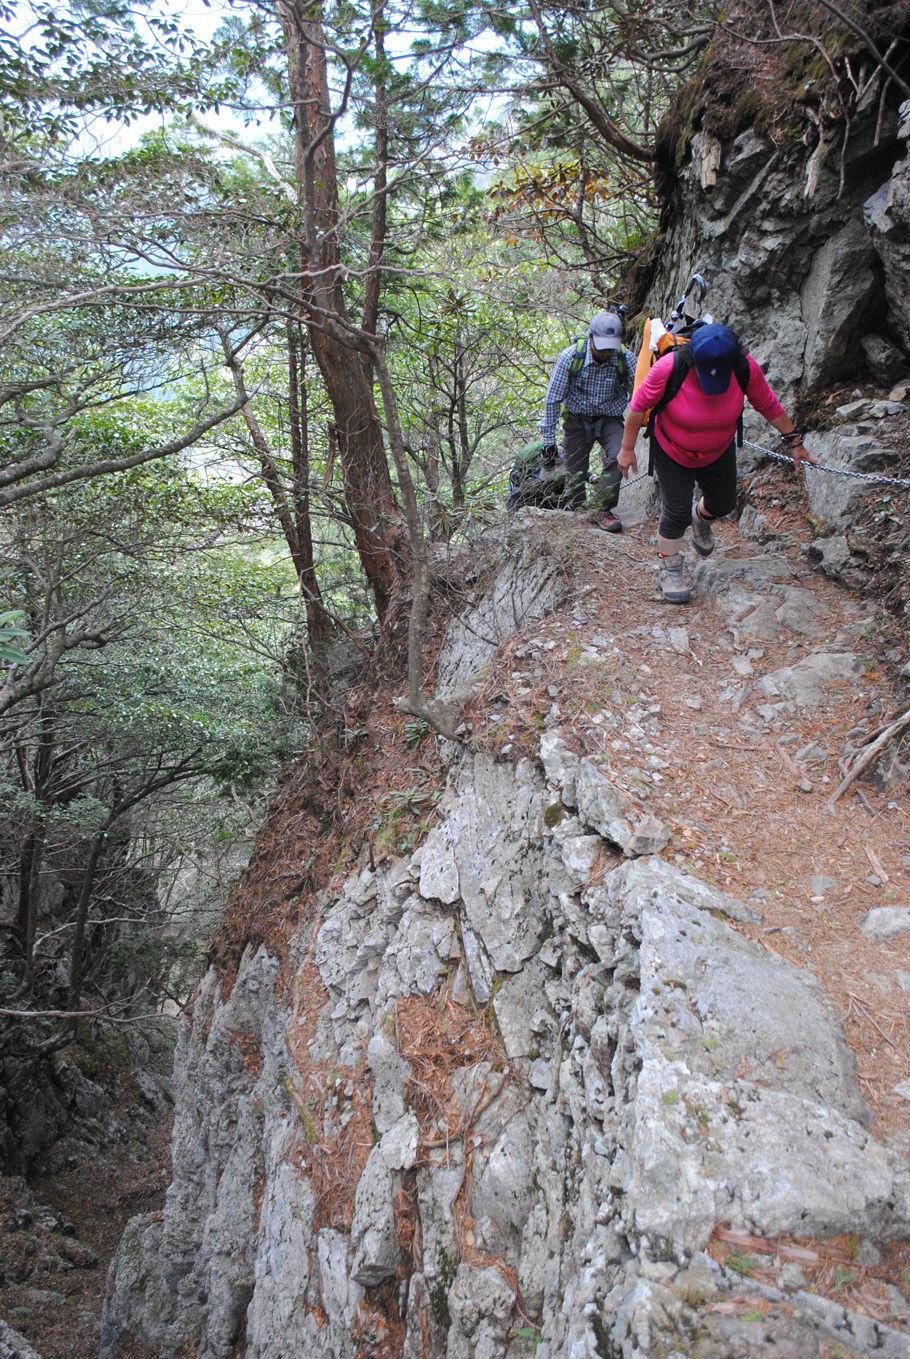 片側が崖となった登山道を行く